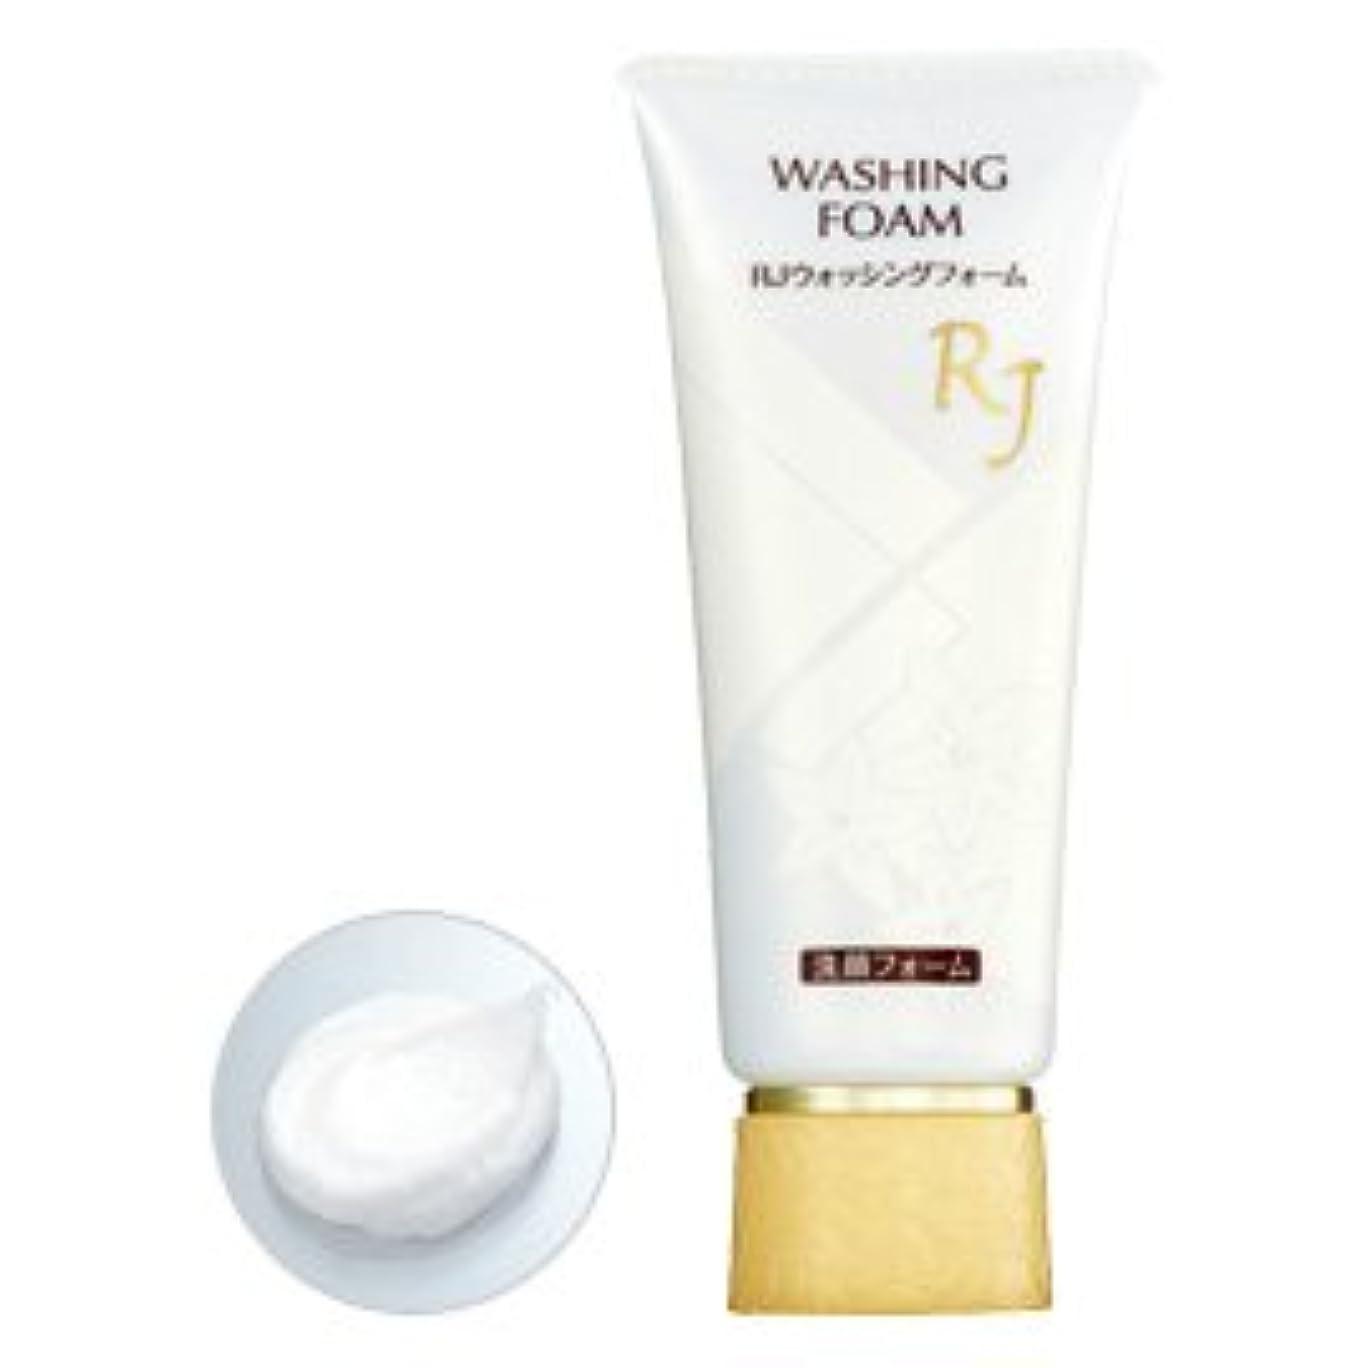 ブリーク持続的ペルセウスRJウォッシング(洗顔) フォーム 100g / RJ face wash <100g>